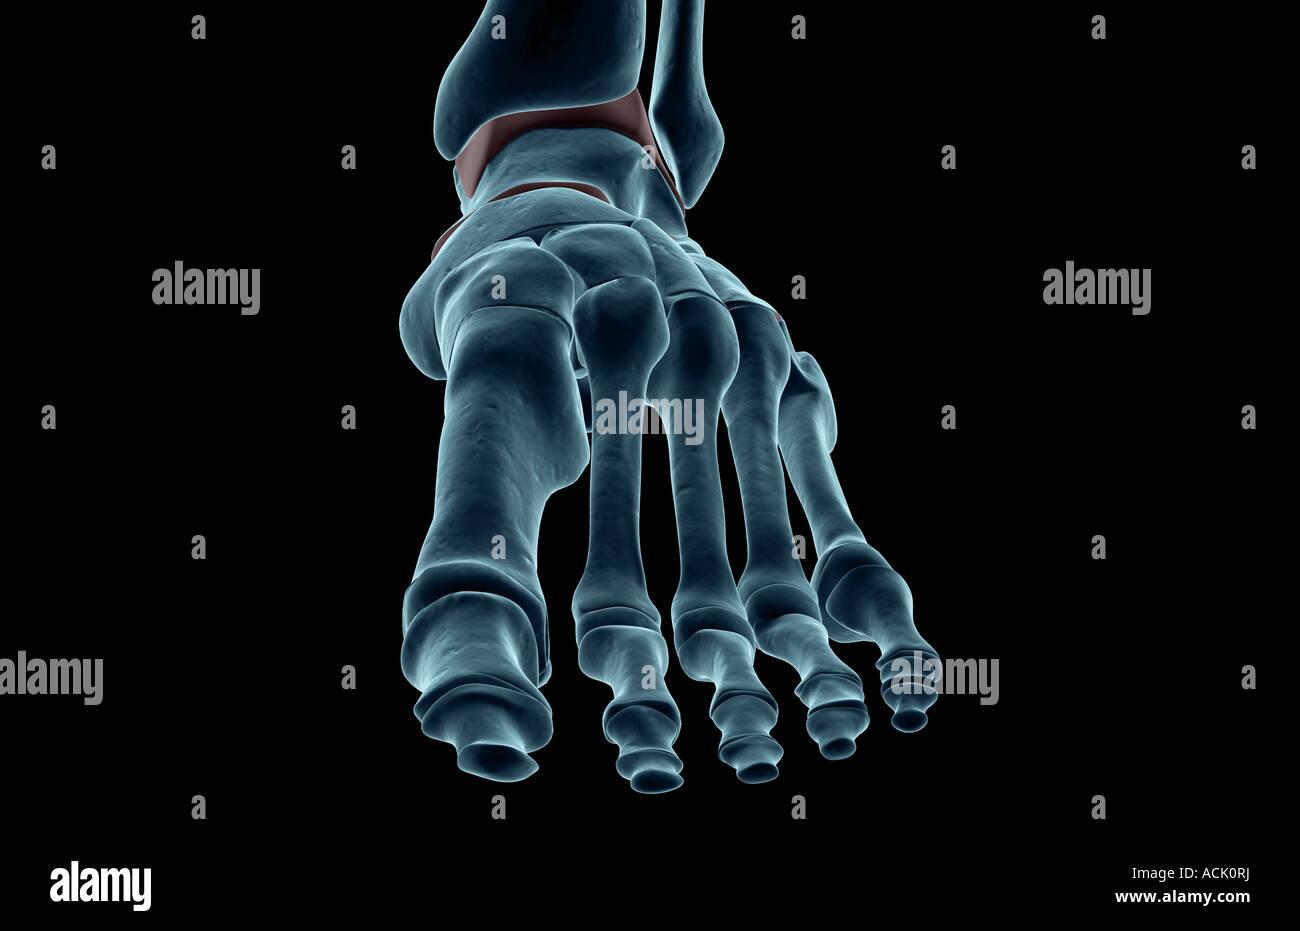 Die Knochen des Fußes Stockfoto, Bild: 13174613 - Alamy